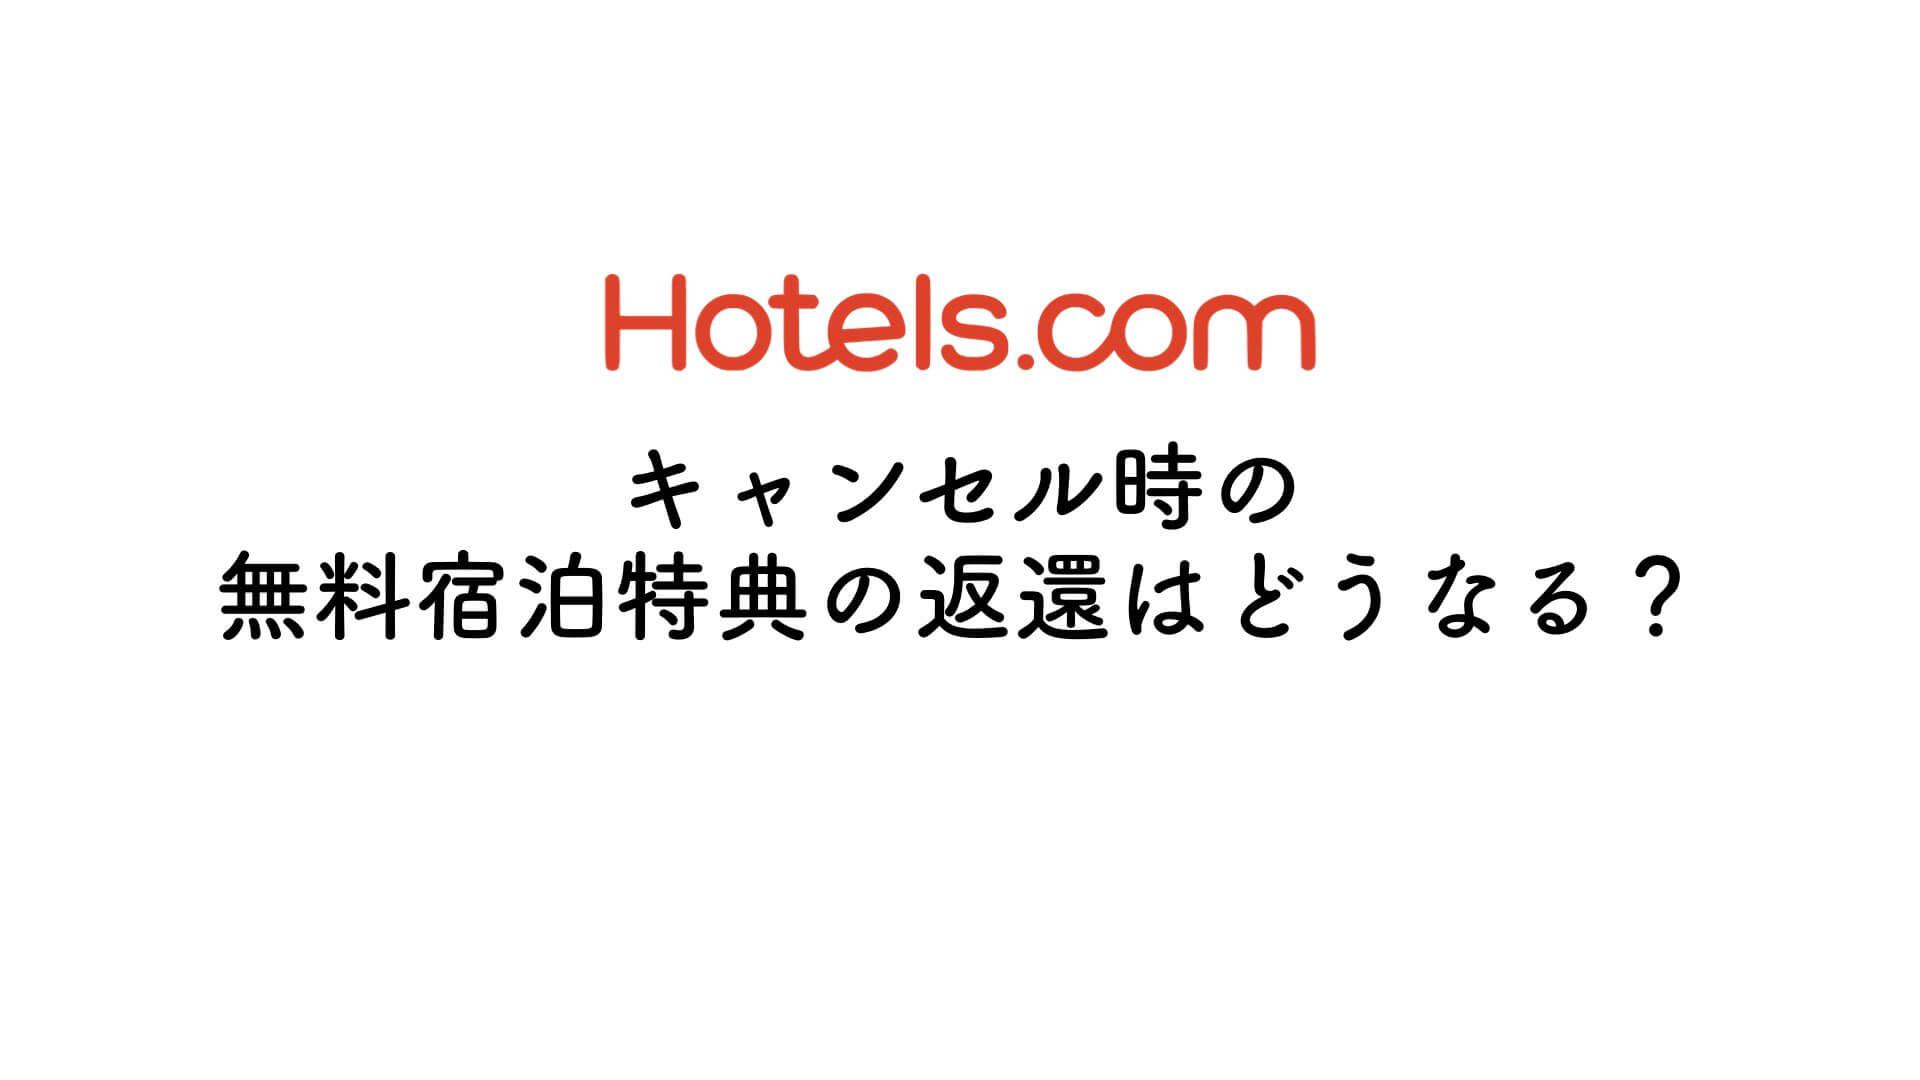 ホテルズドットコムキャンセル時の無料宿泊特典の返還について解説